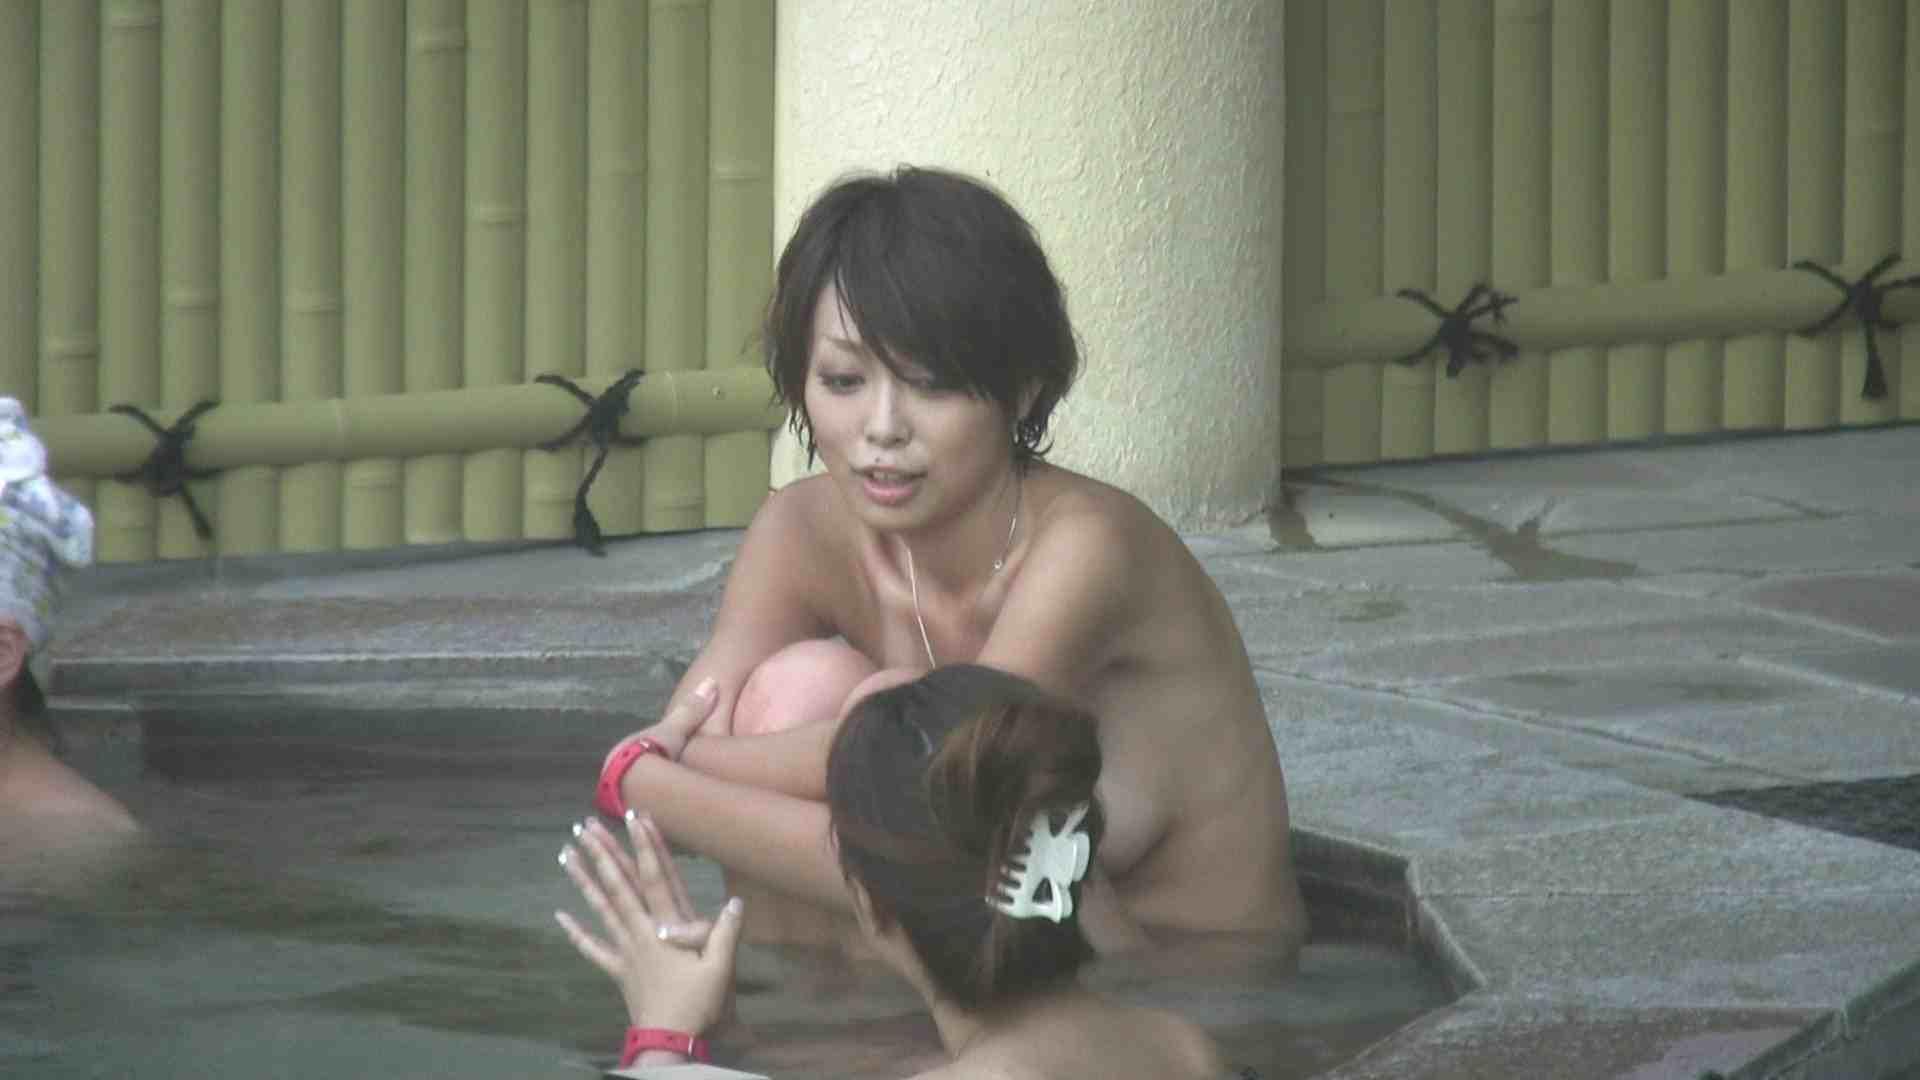 Aquaな露天風呂Vol.201 露天   盗撮  53pic 27